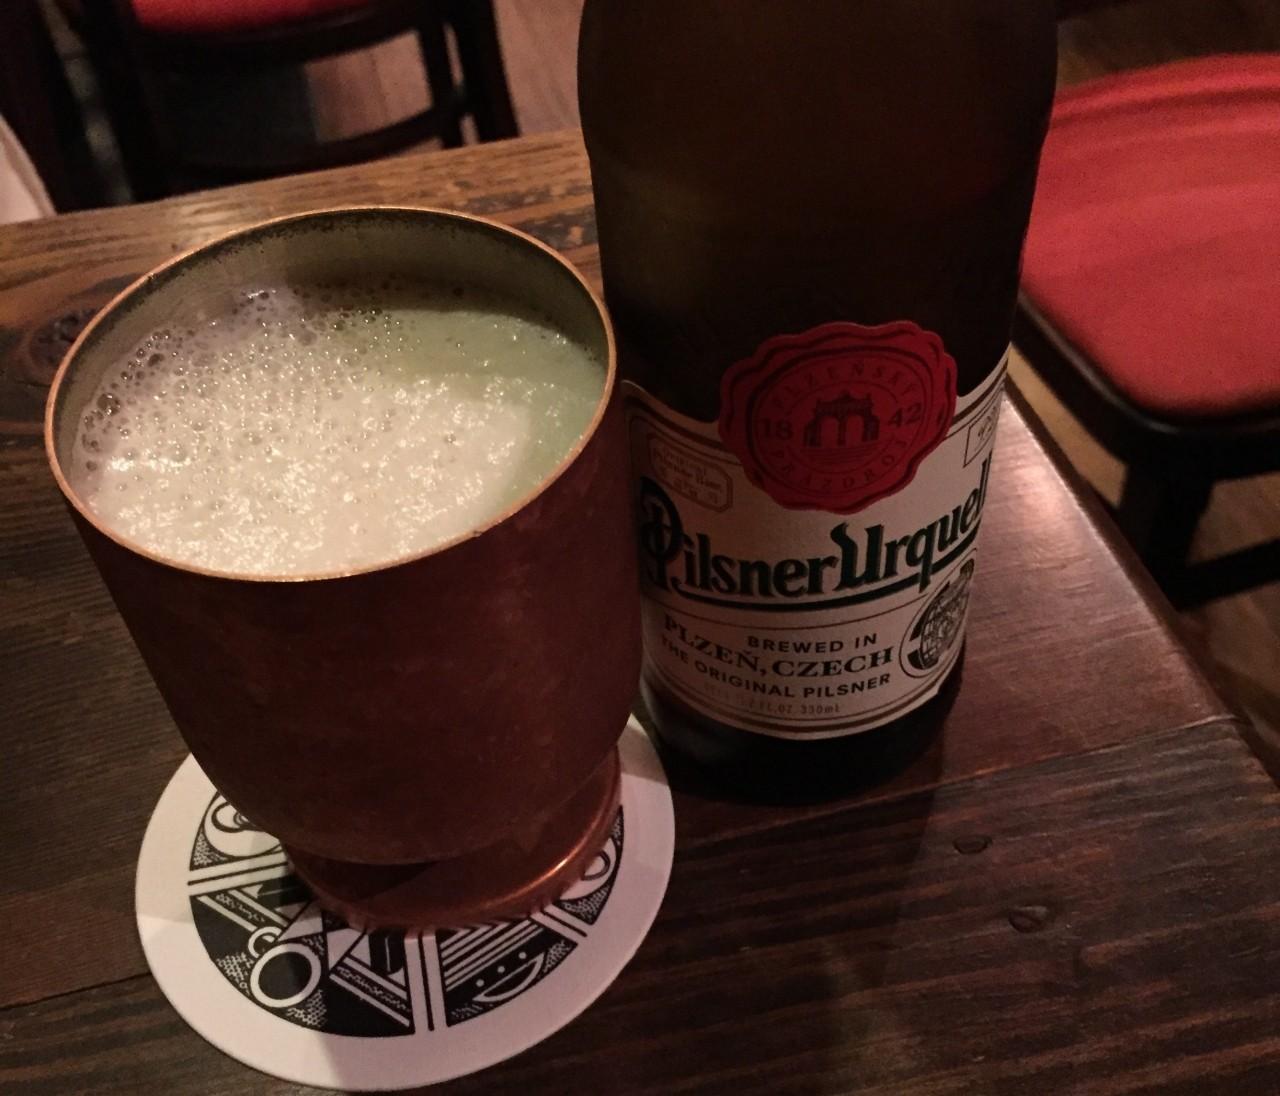 【ある日、神保町で】チェコのビール、ピルスナー・ウルケルをゴクゴク、プハー